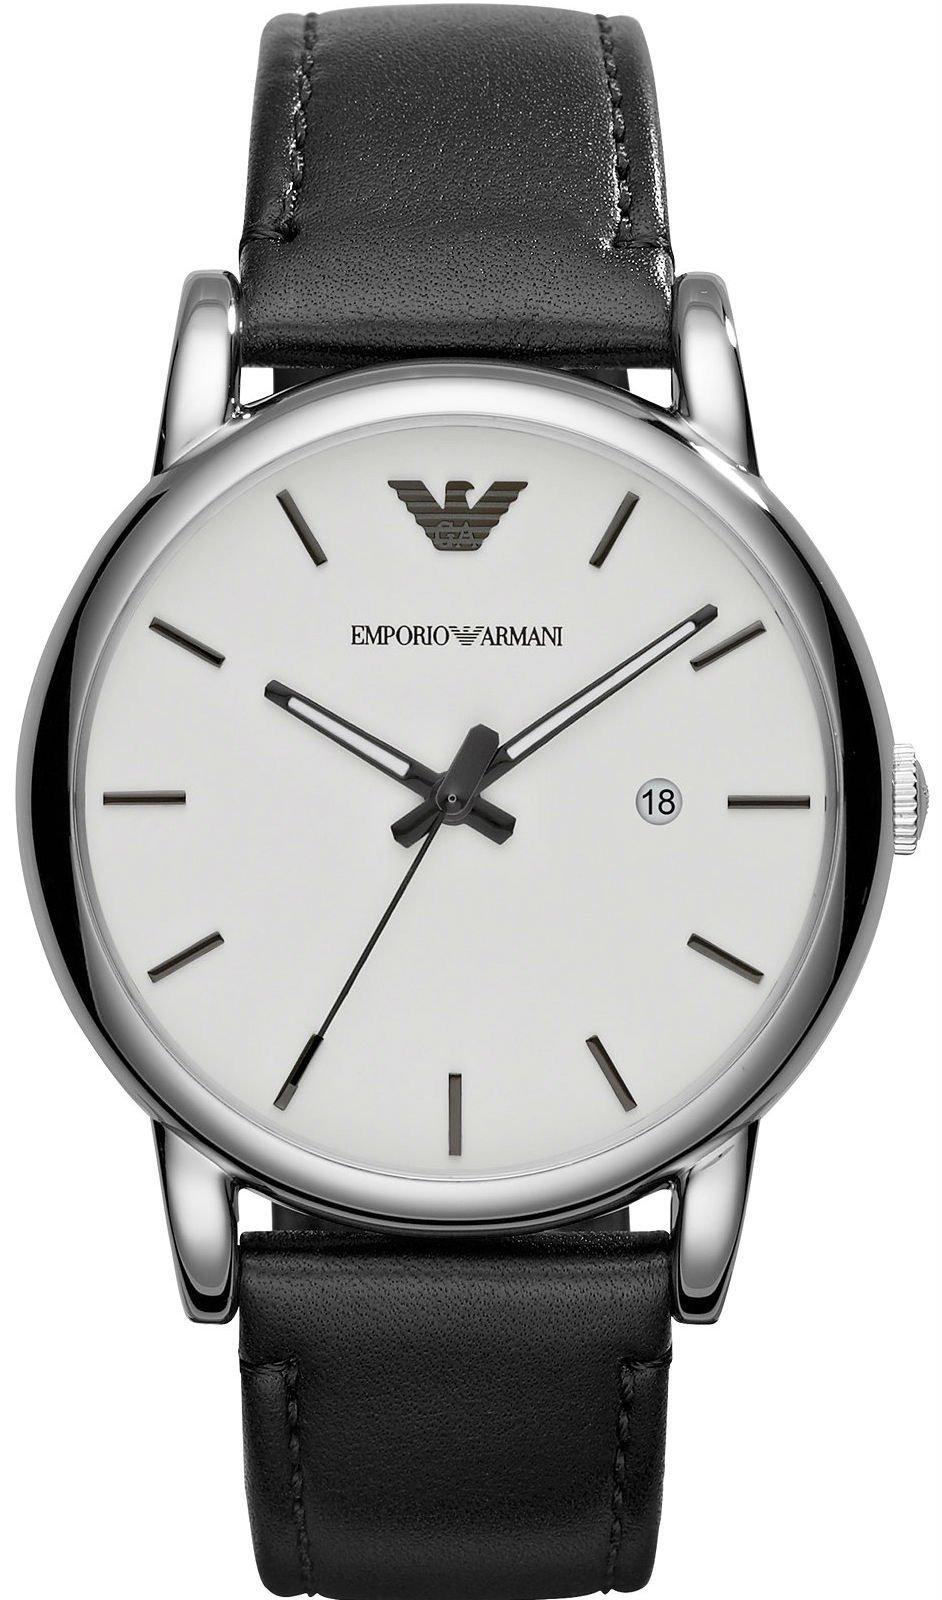 Часы Армани мужские. Купить мужские часы Armani в Украине, Харькове ... 8ce3945aaa6